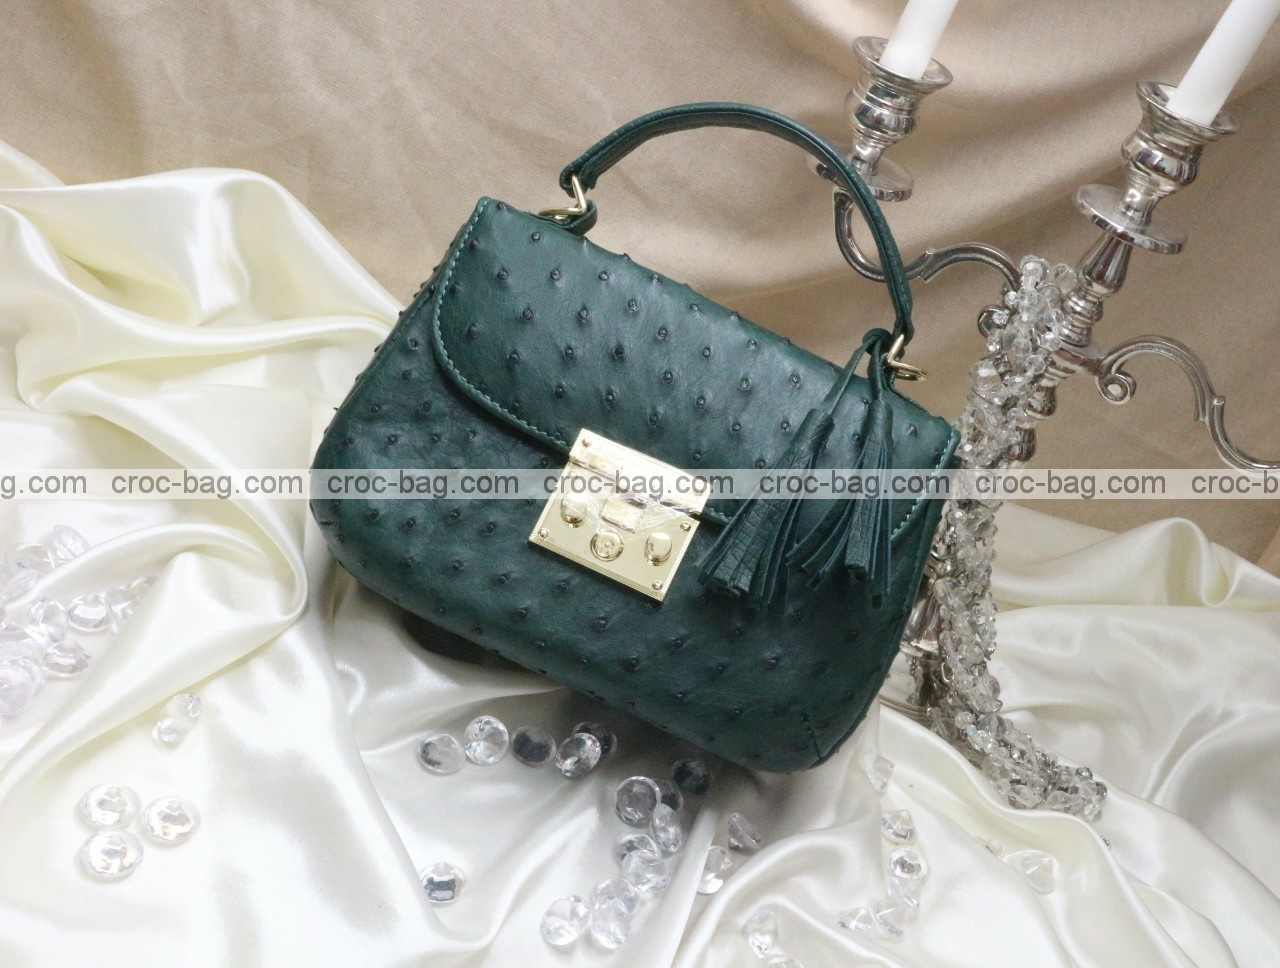 กระเป๋าหนังนกกระจอกเทศหรับผู้หญิง 5292